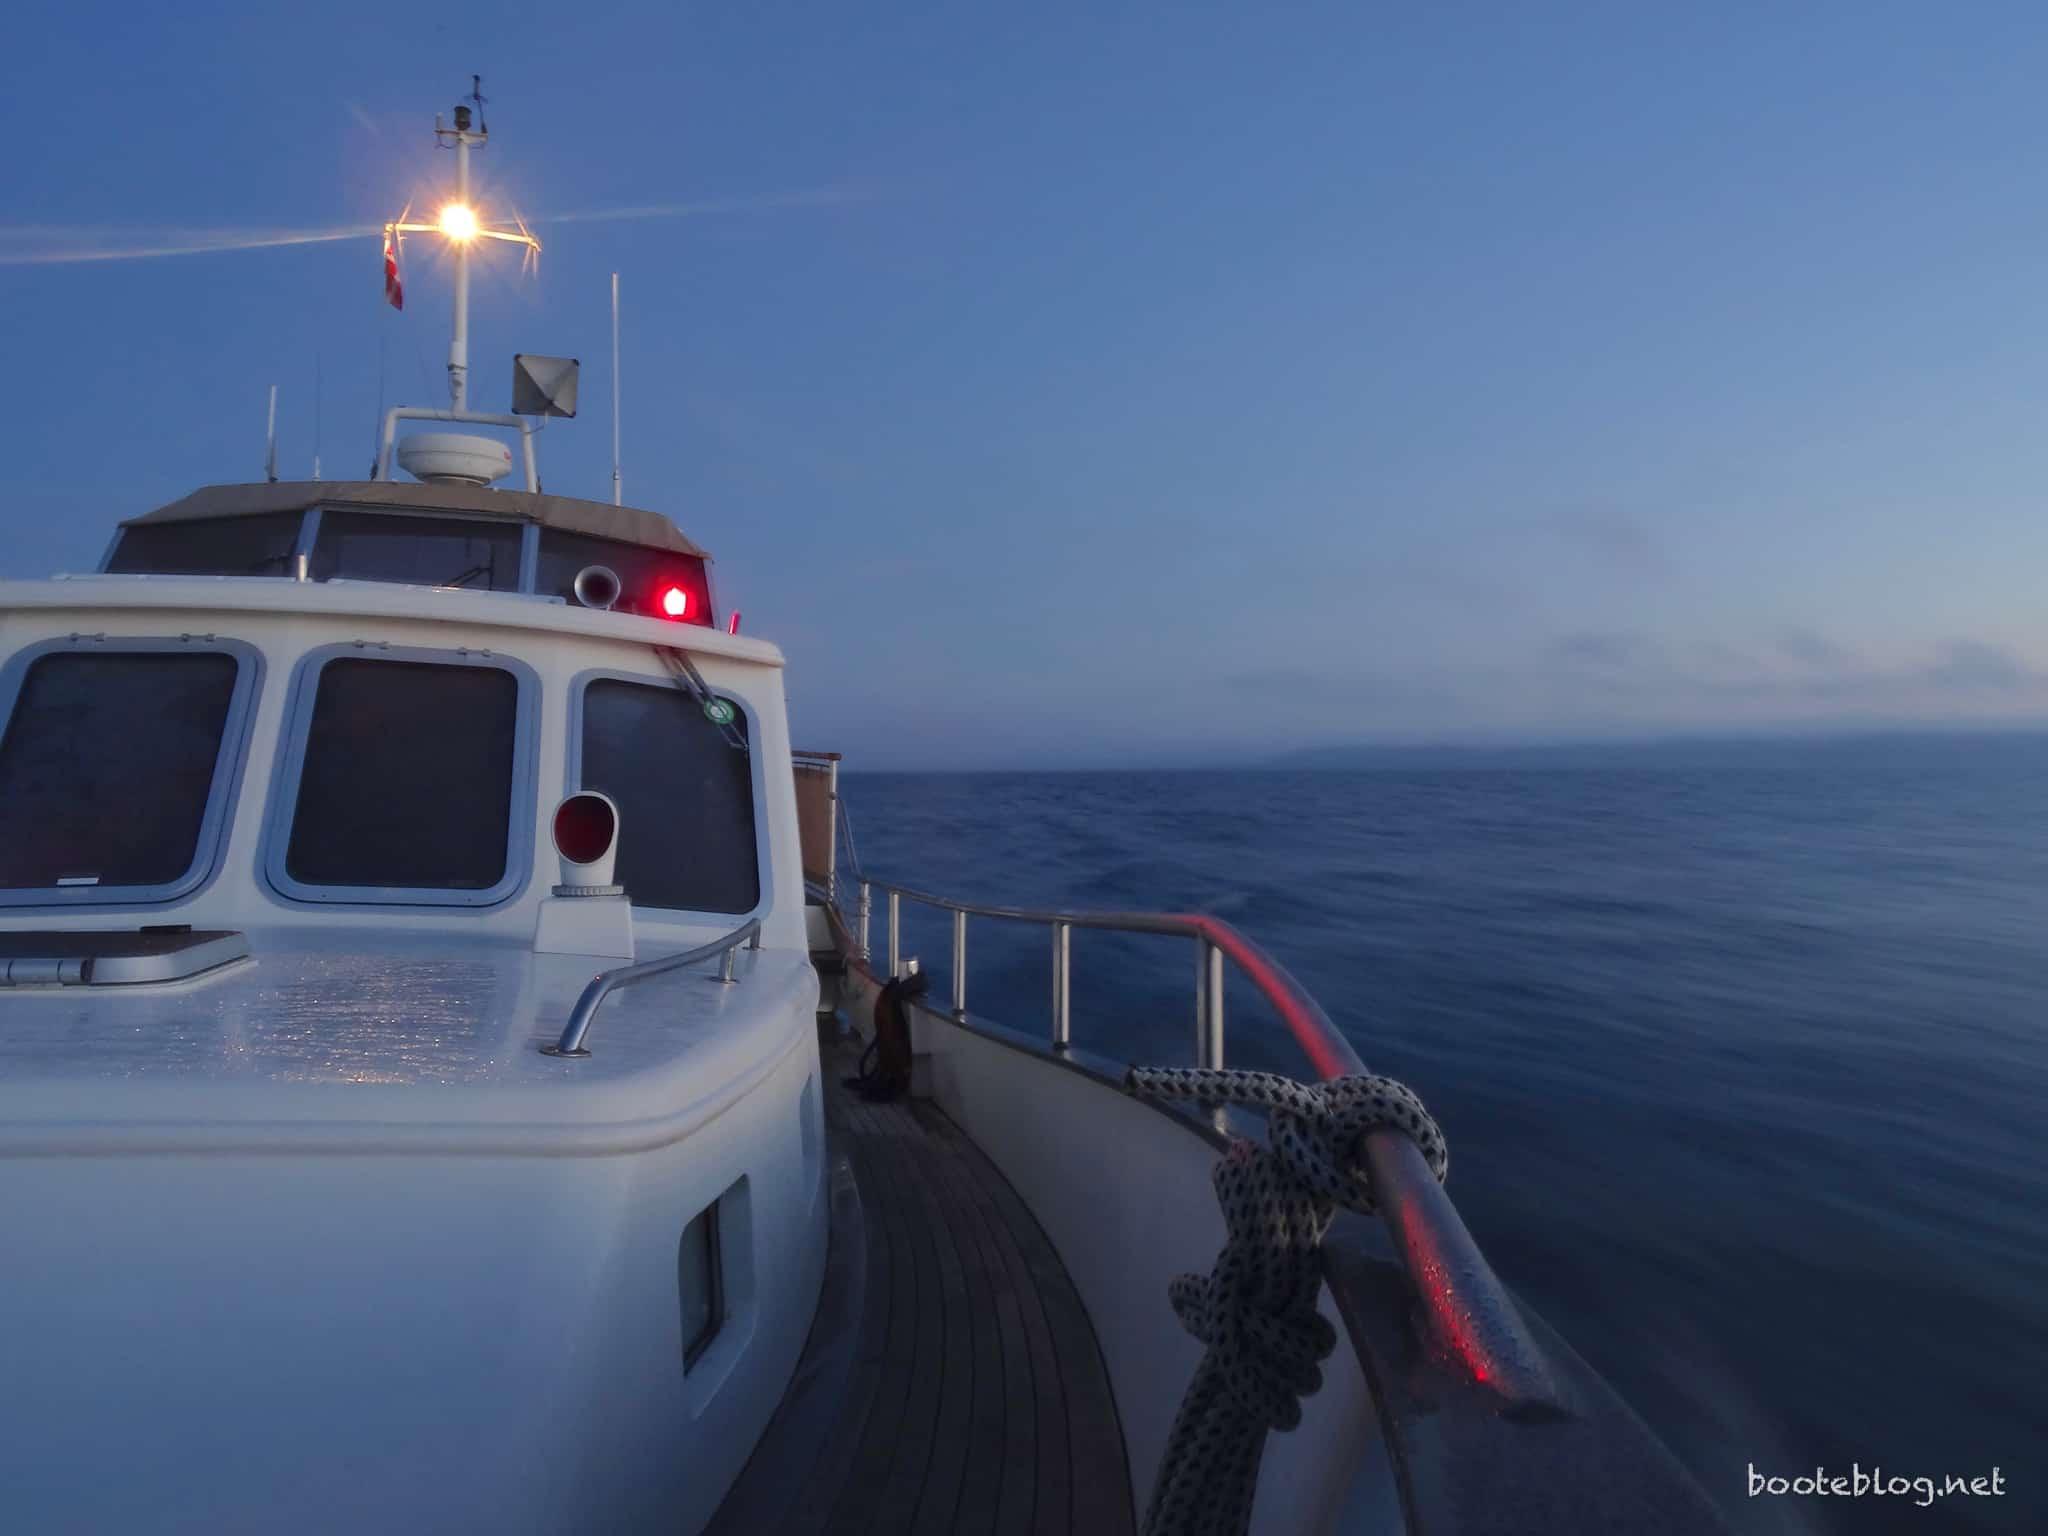 Eine Fahrt in die Nacht - nicht nur hier ist ein Radar eine große Hilfe.